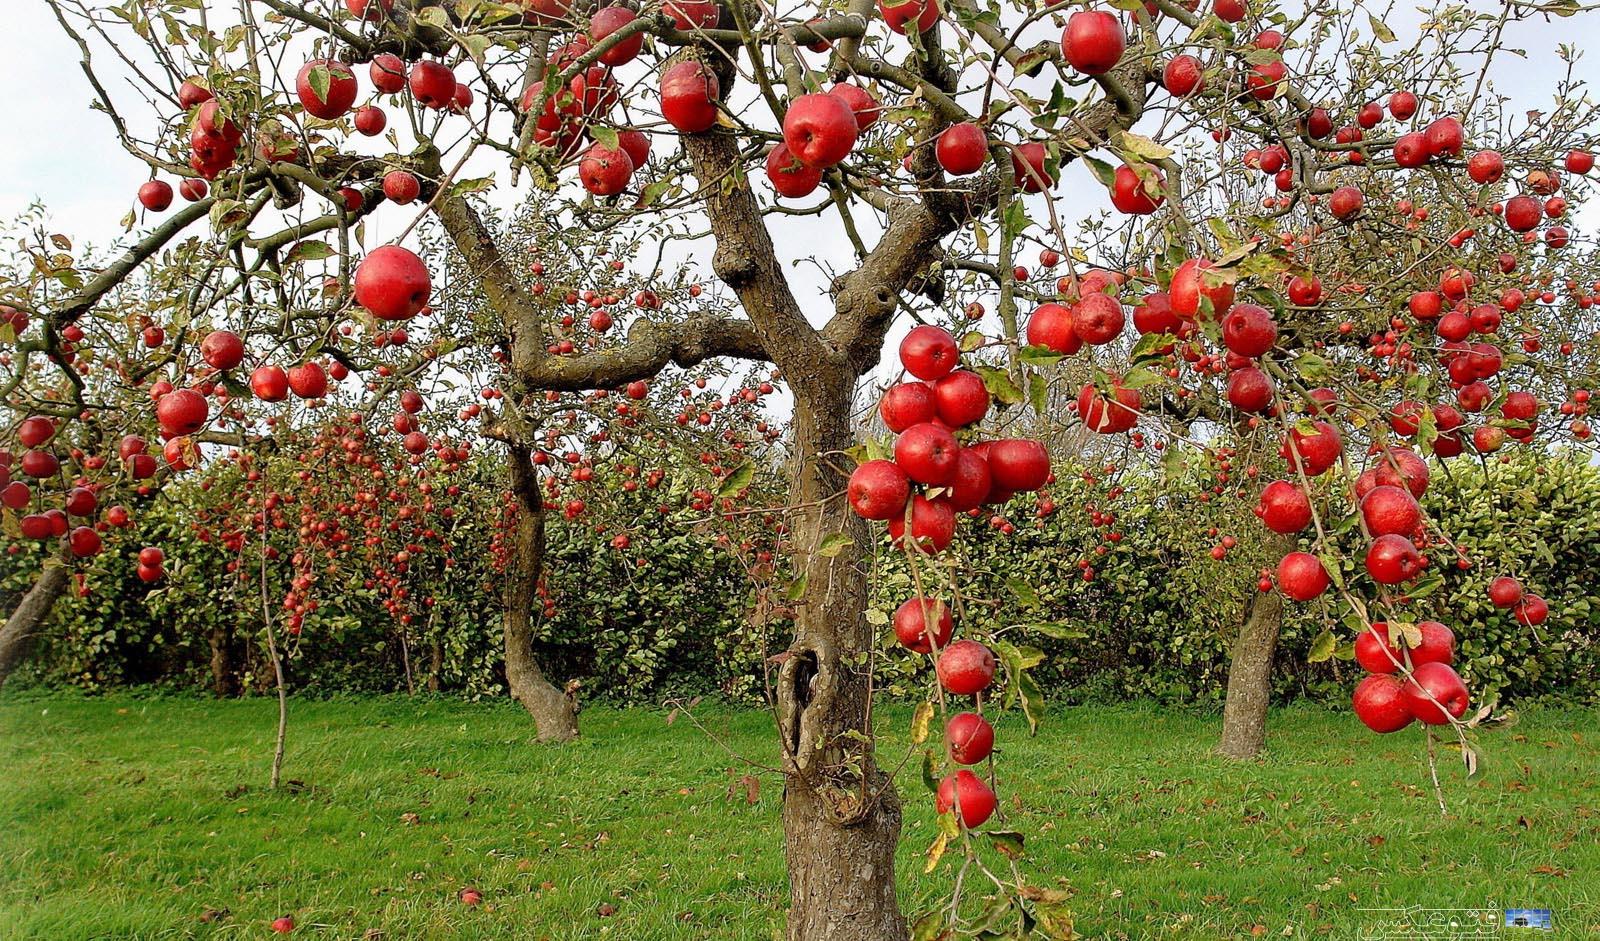 افزایش ۴۶ درصدی تورم تولیدکننده باغداری و دامداری